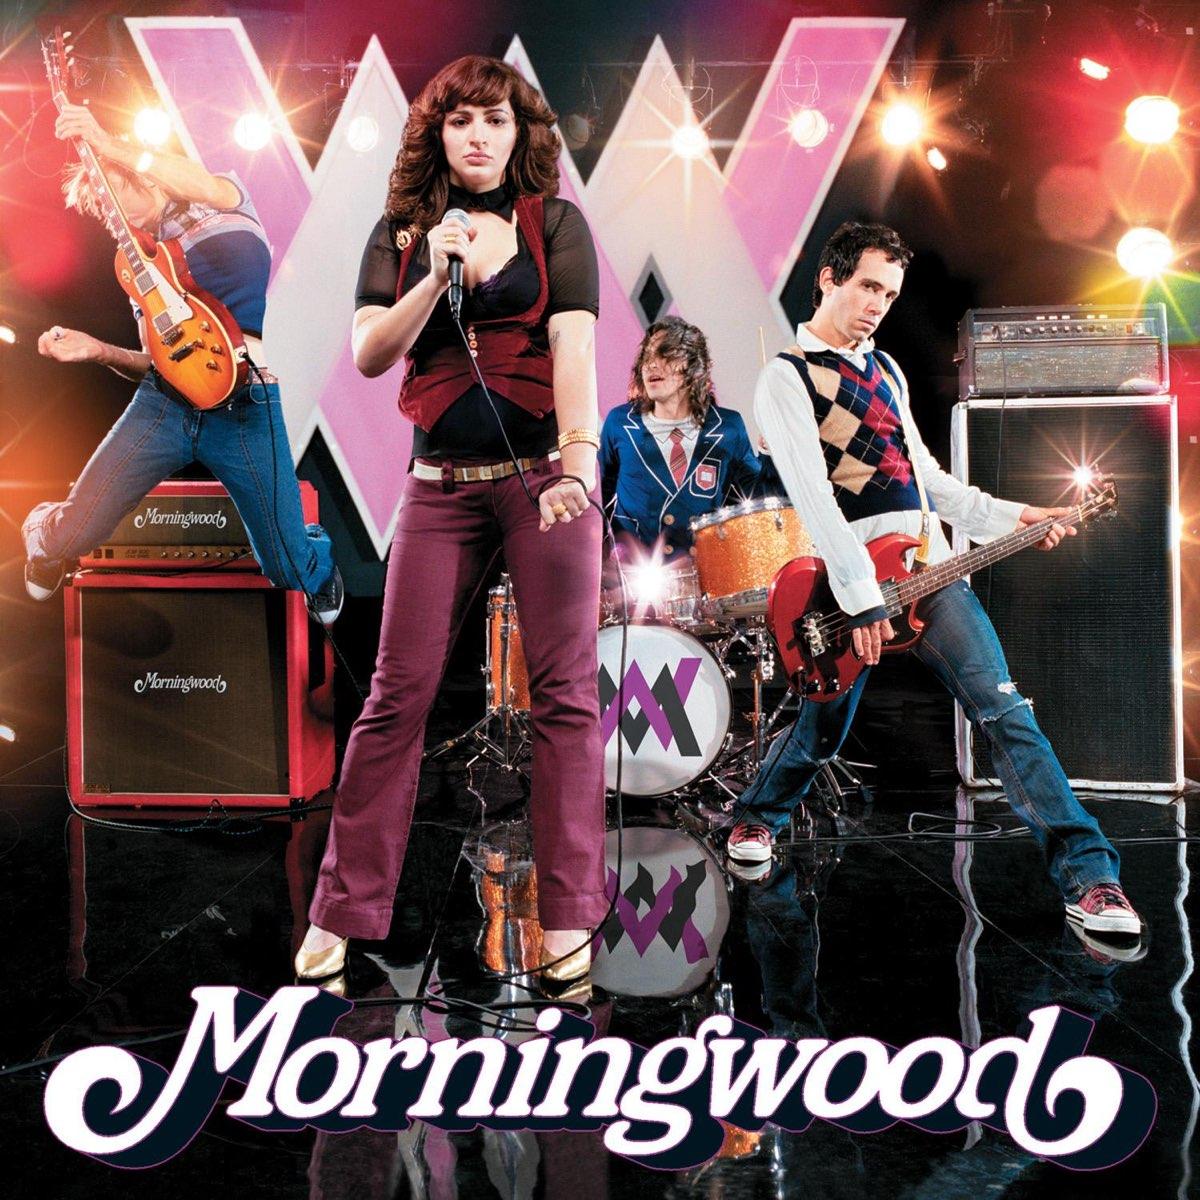 Morningwood, Morningwood